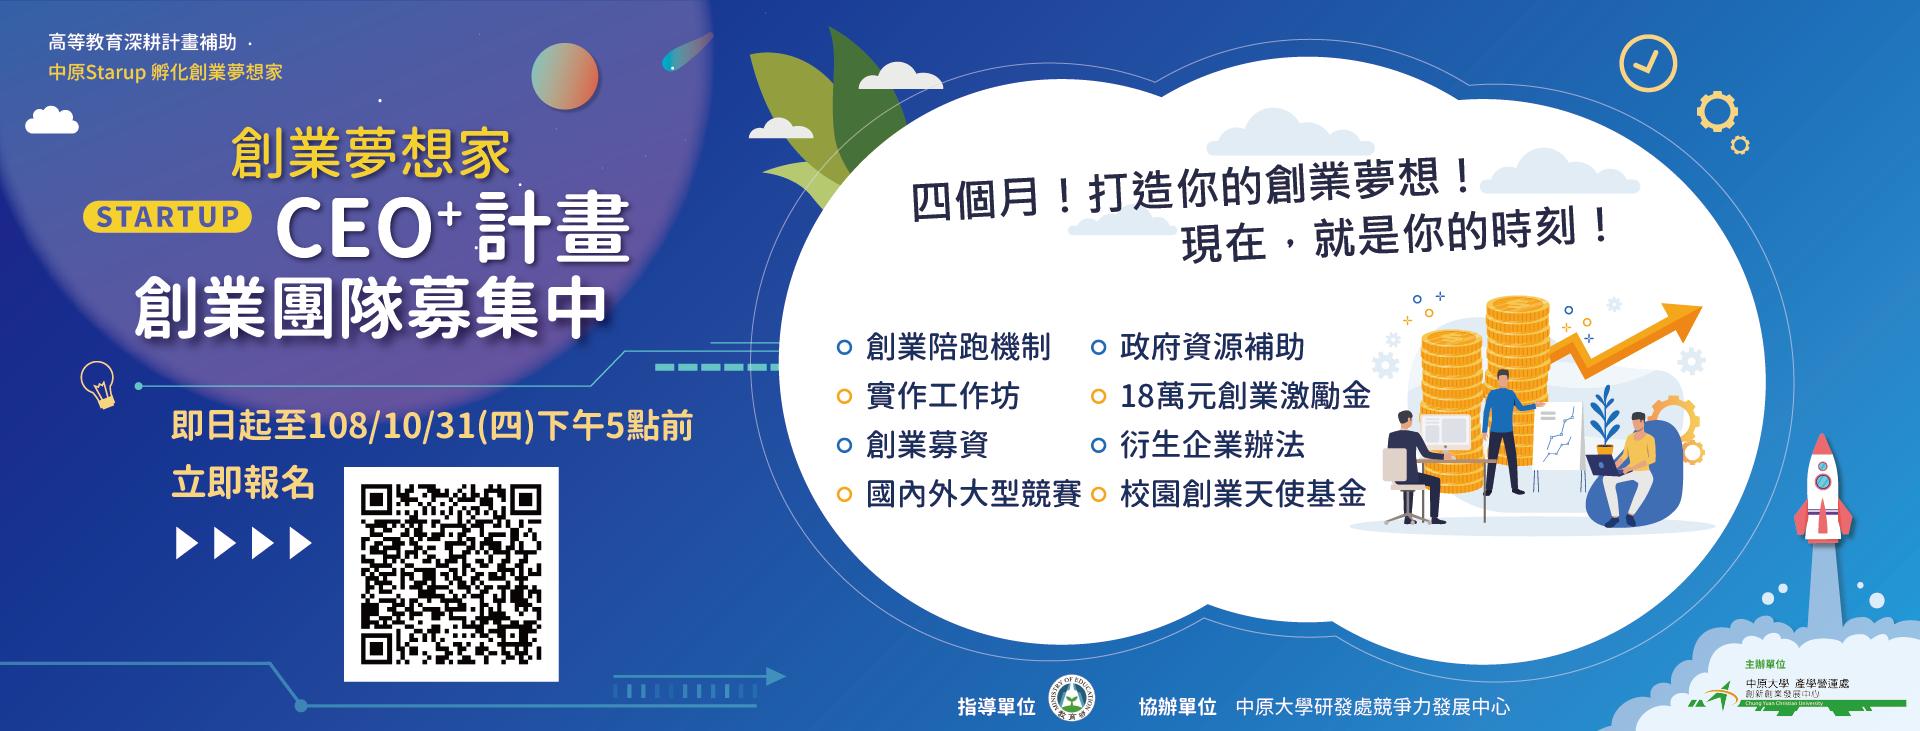 中原大學創新創業發展中心創業夢想家CEO+ 計畫